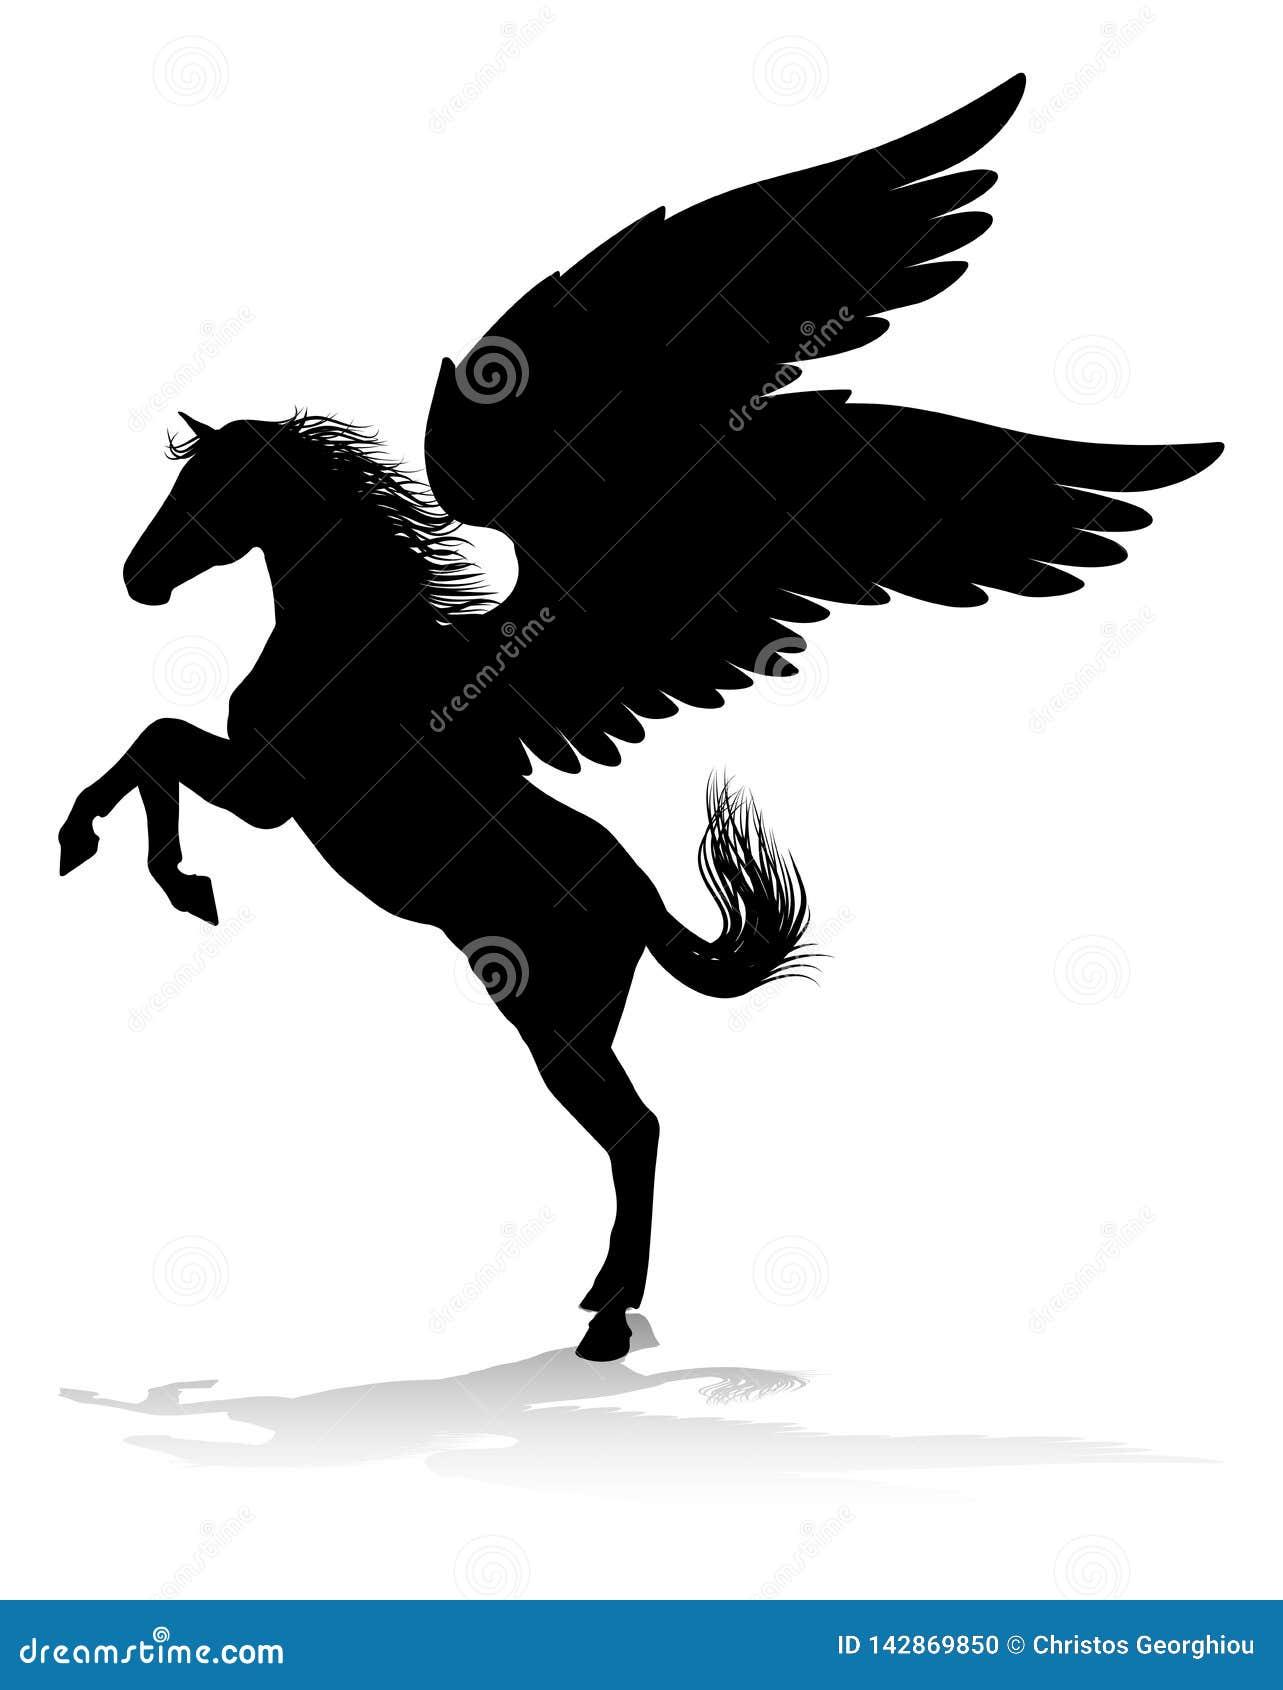 Pegaso Cavallo Alato Disegno.Cavallo Alato Mitologico Della Siluetta Di Pegaso